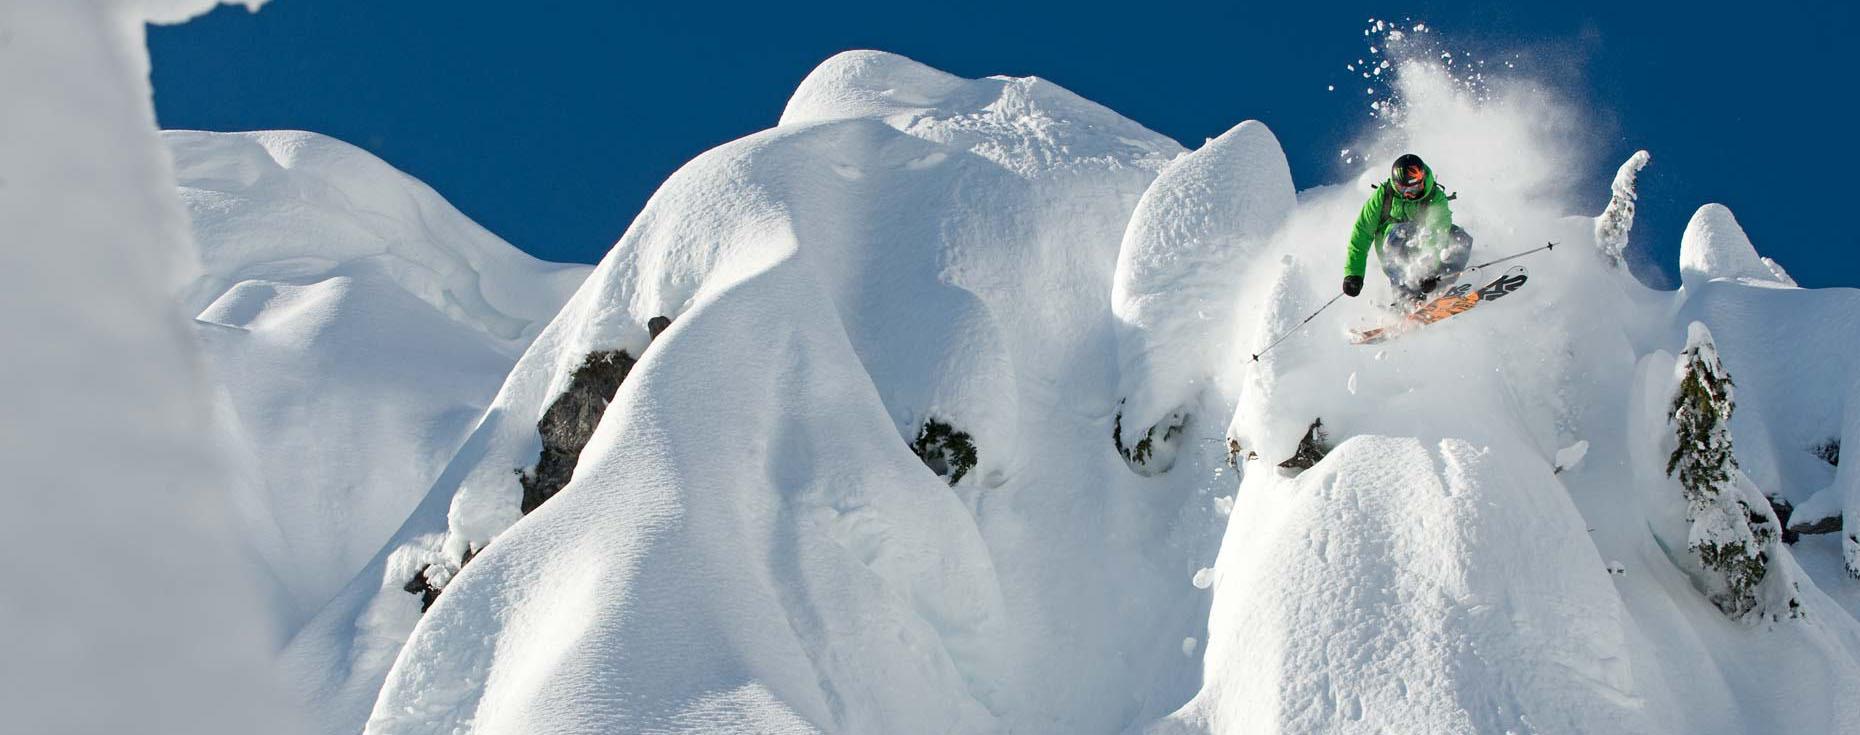 Cum îți alegi schiurile în funcție de dimensiune, forma, radius, flex